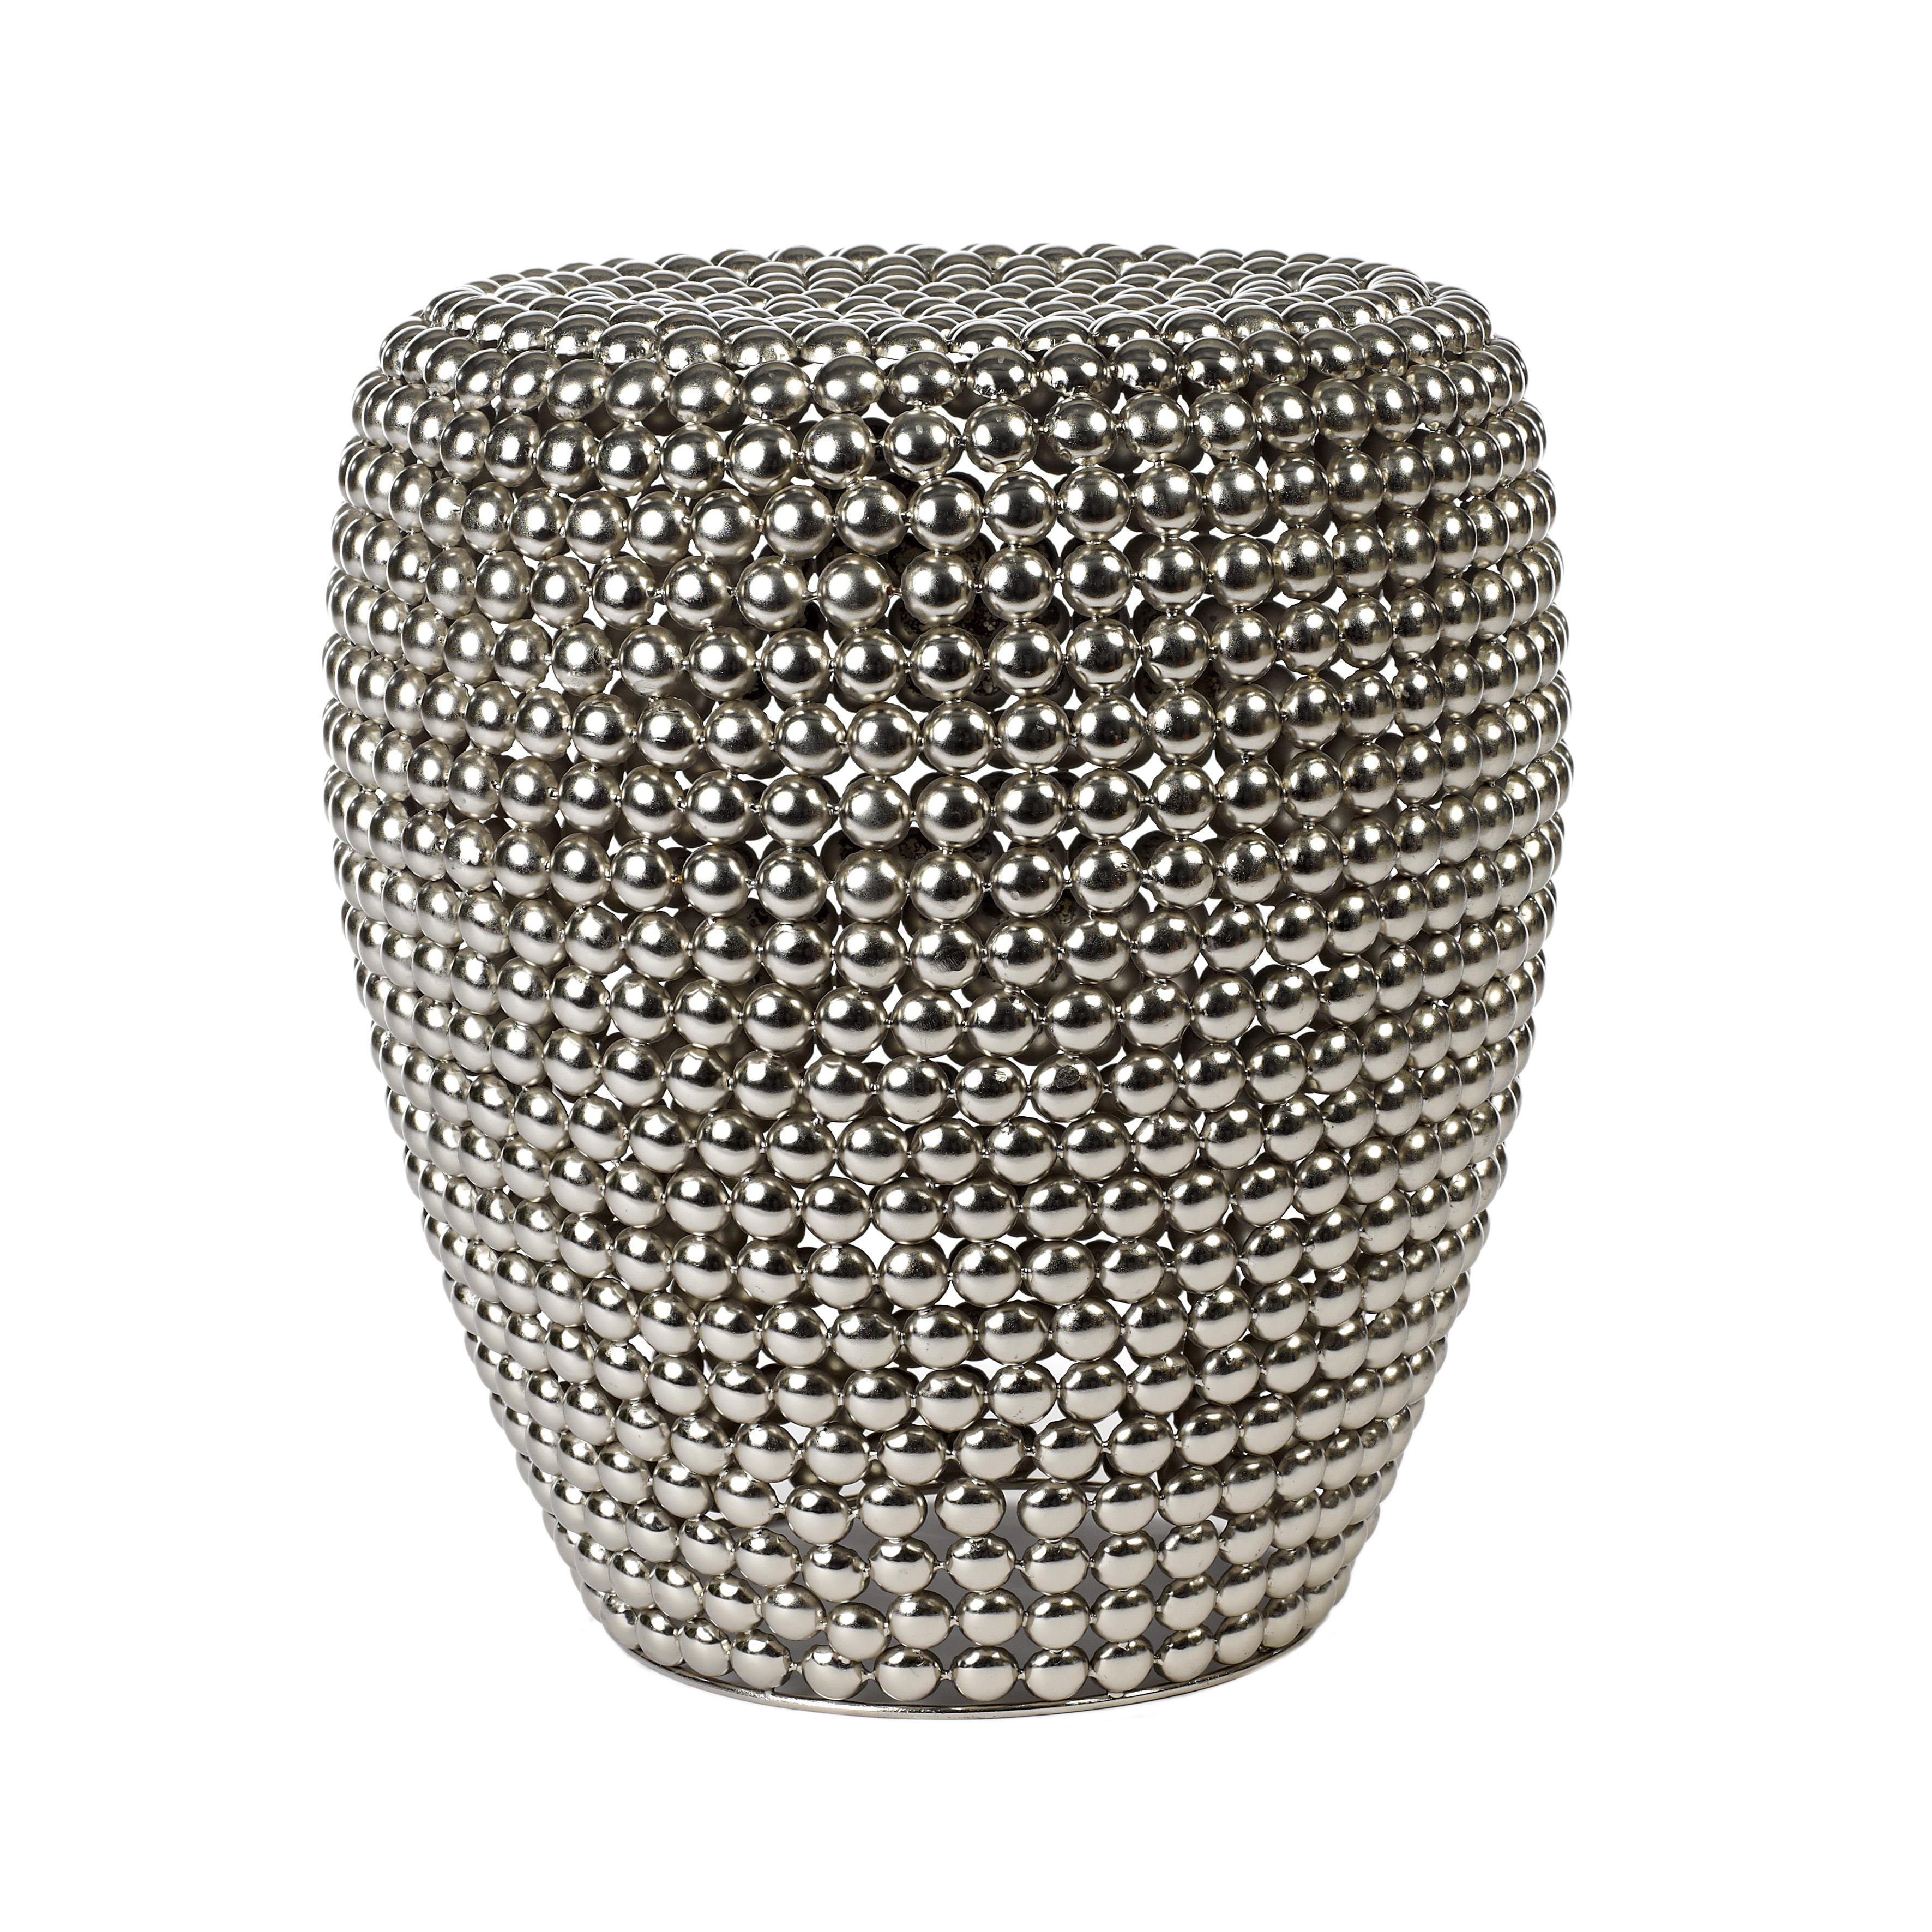 dot stool silver van pols potten laatste 2 gratis verzenden zusenzo living. Black Bedroom Furniture Sets. Home Design Ideas